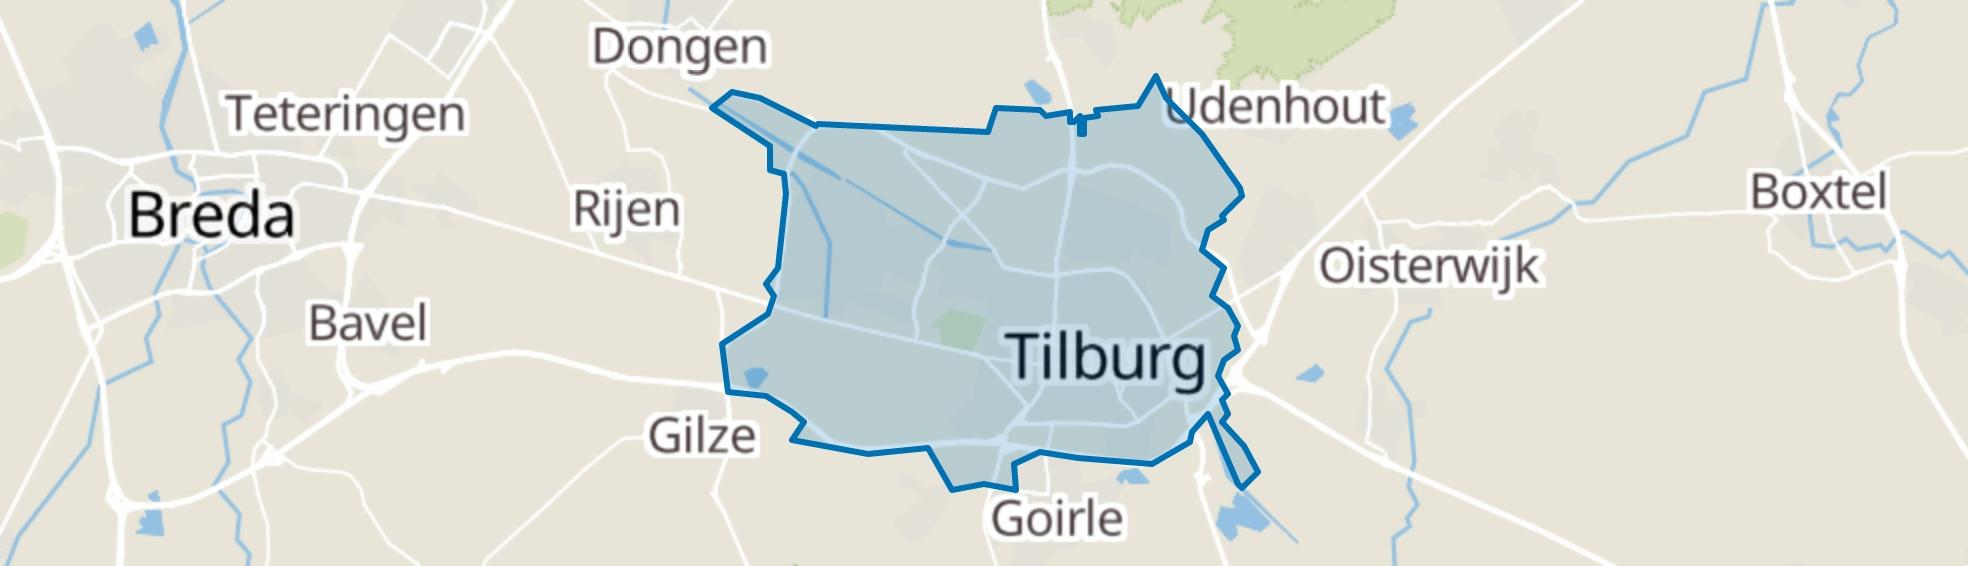 Tilburg map